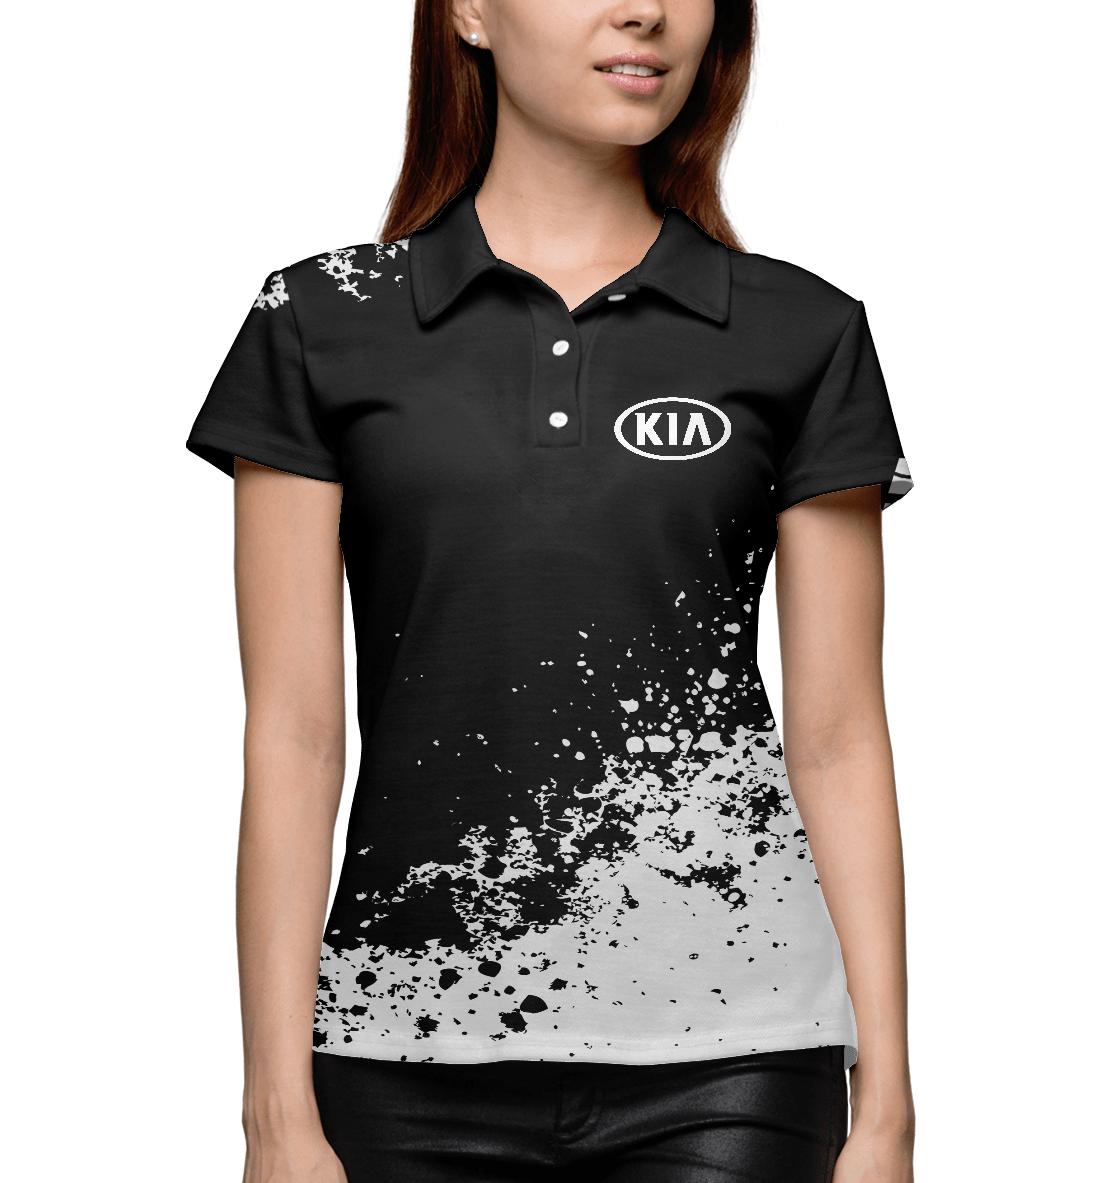 Купить Kia abstract sport uniform, Printbar, Поло, AMP-137239-pol-1